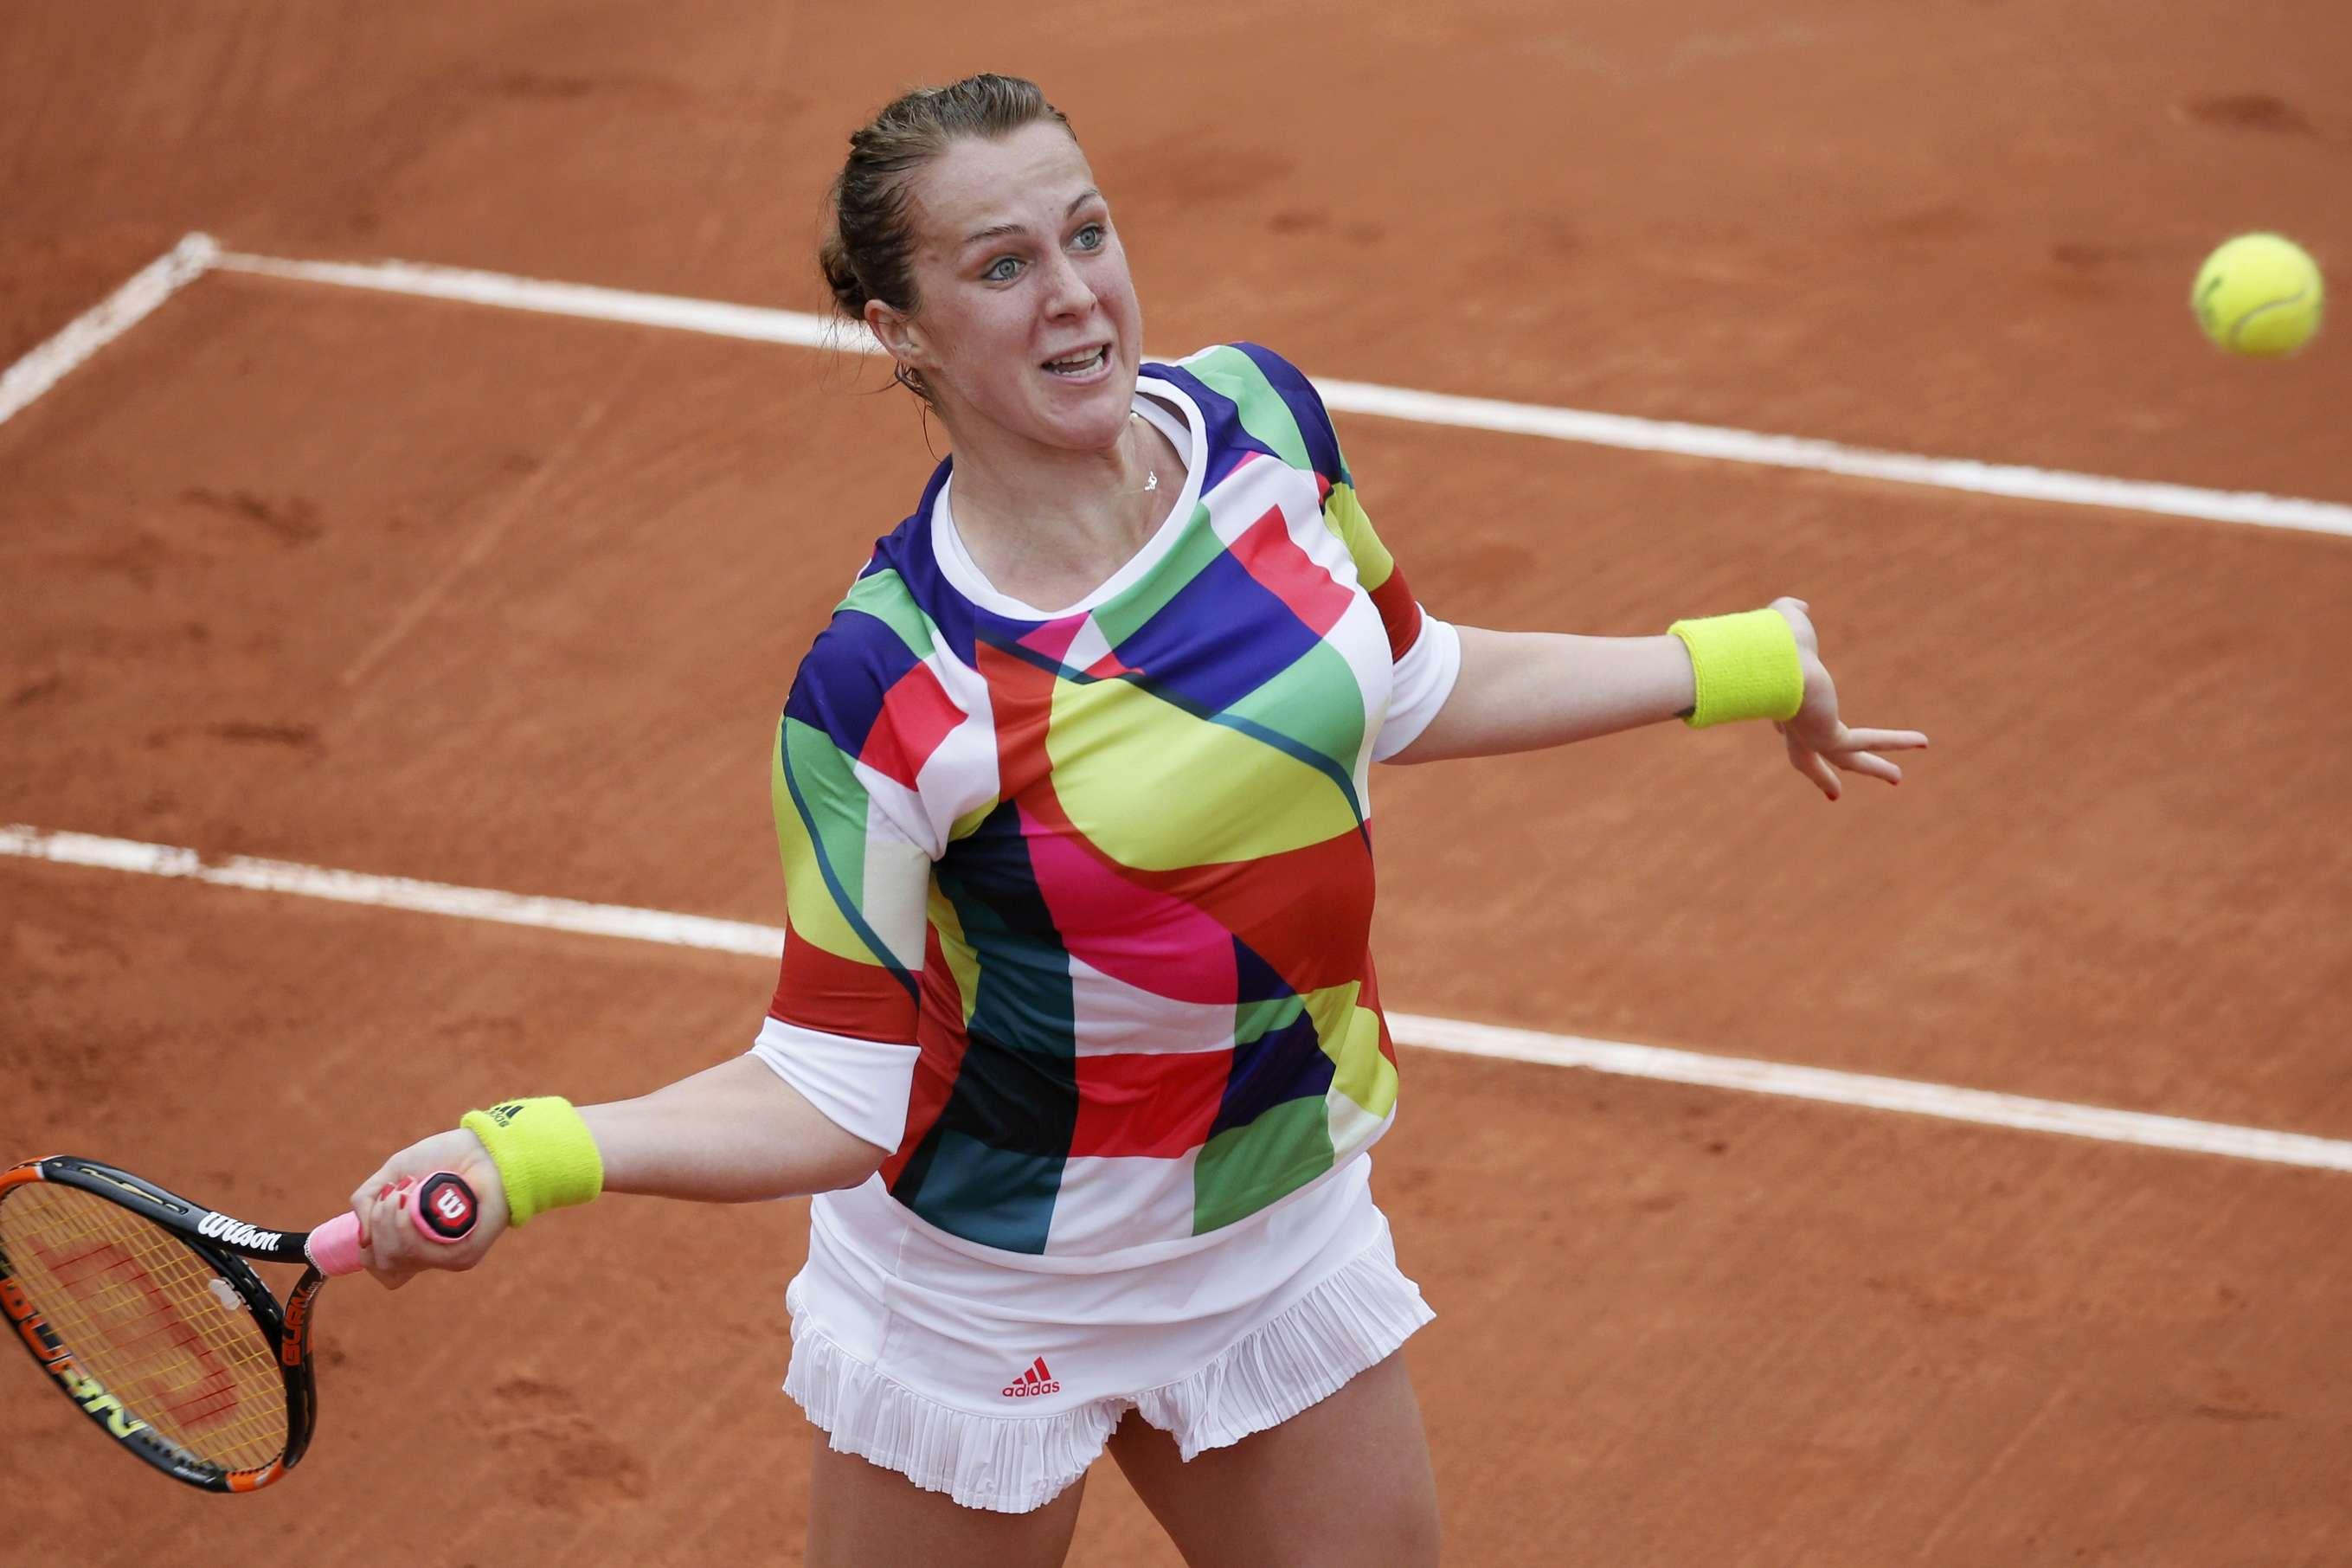 Peut-être est-ce une tenue porte-bonheur? En tout cas, elle n'a pas empêchée sa propriétaire, la RusseAnastasia Pavlyuchenkova, 24e mondiale, de pulvériser l'EspagnoleSara Sorribes (6-2, 6-0).